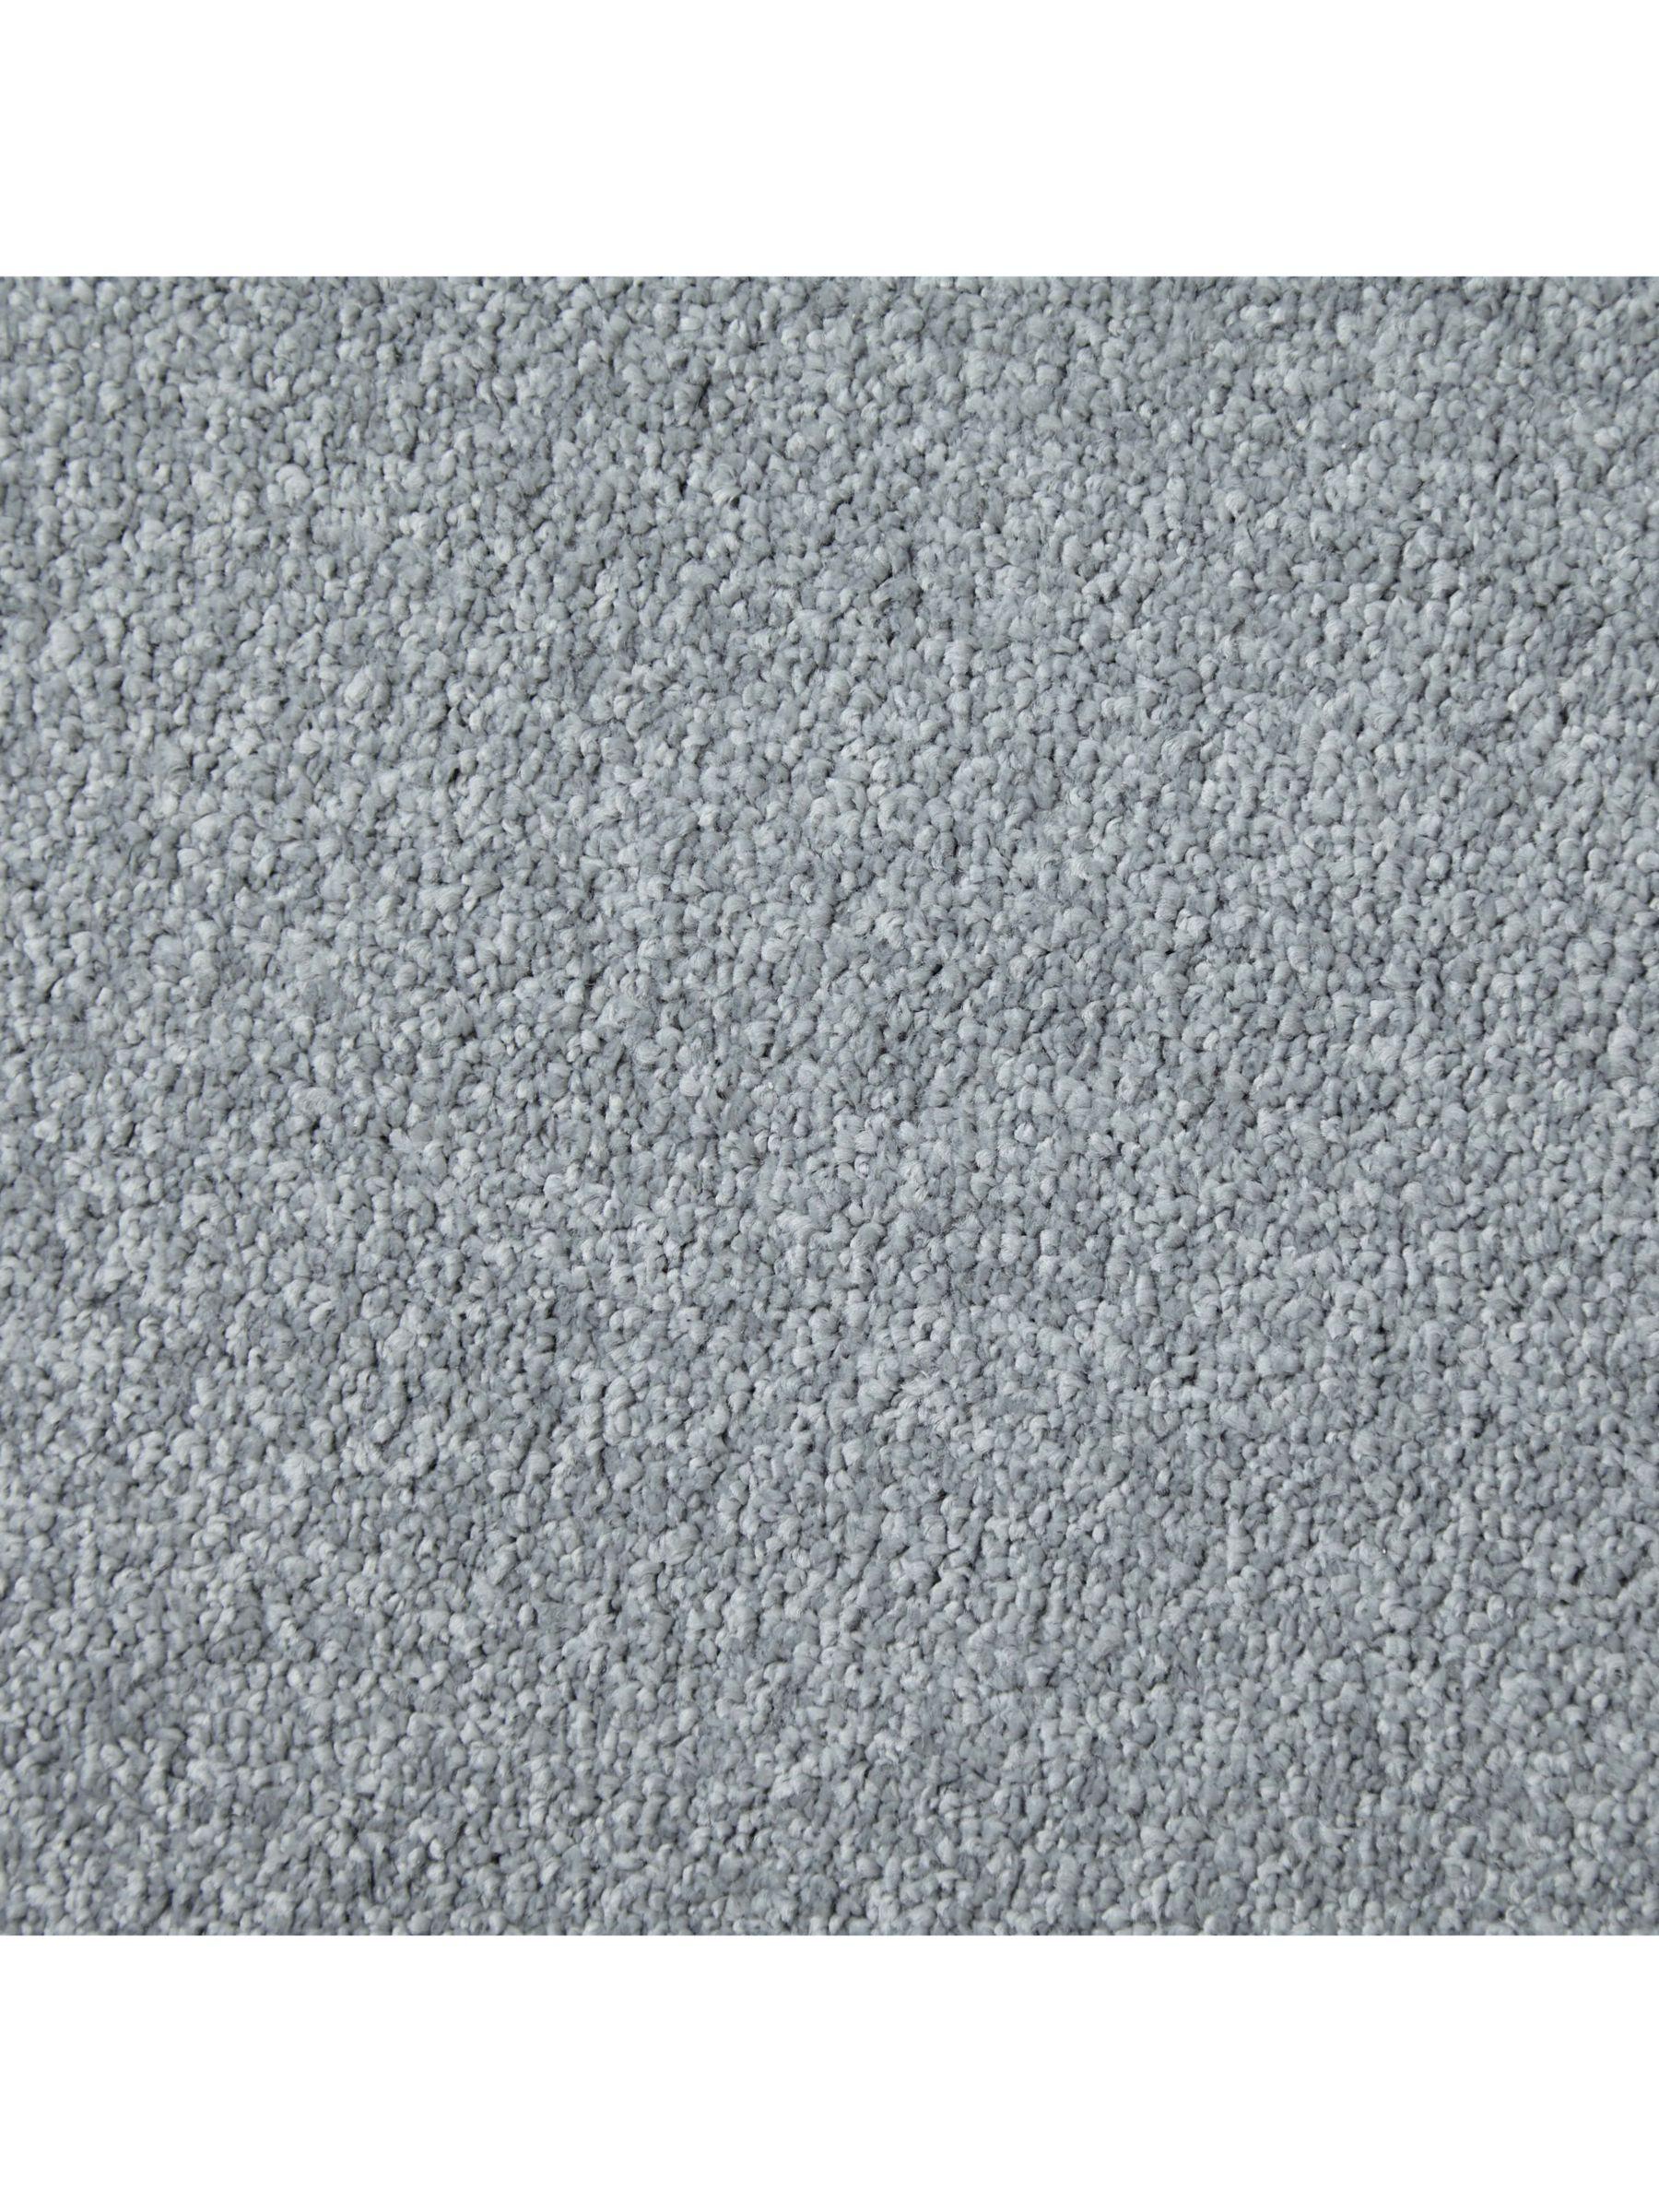 John Lewis Partners Slumber Twist Carpet John Lewis Cost Of Carpet Carpet Fitting